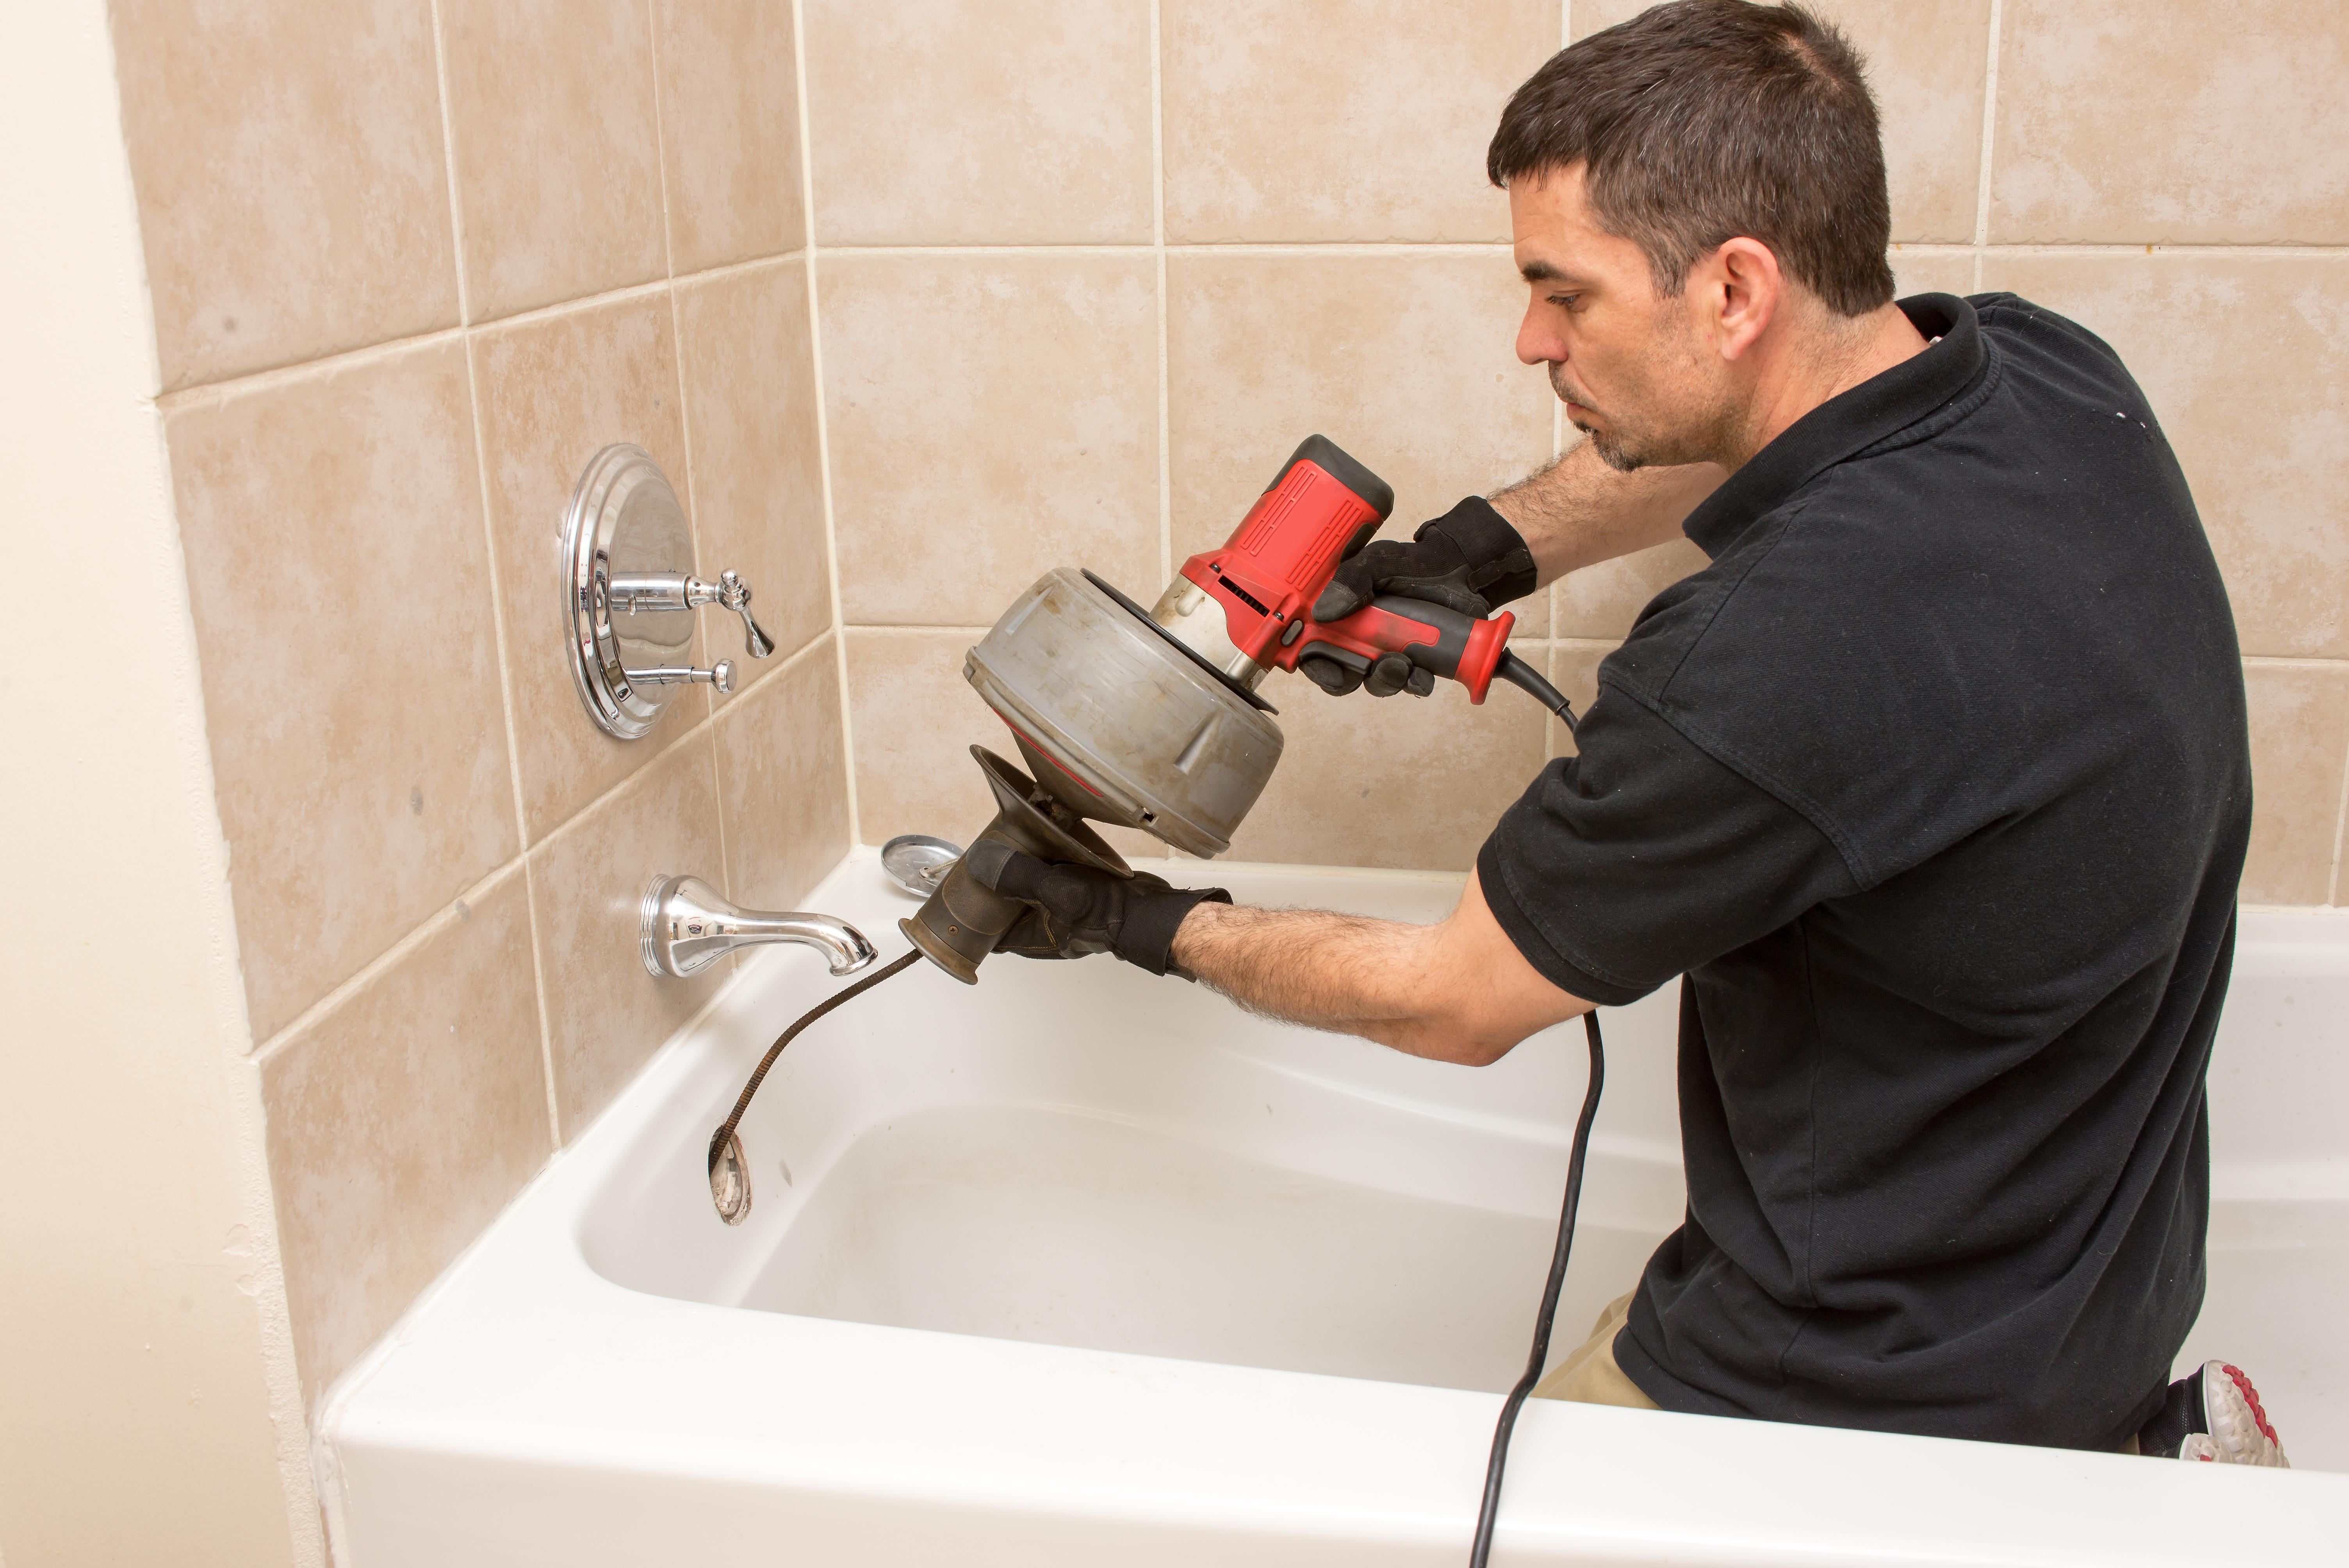 A plumber runs a drain snake down a clogged tub drain.